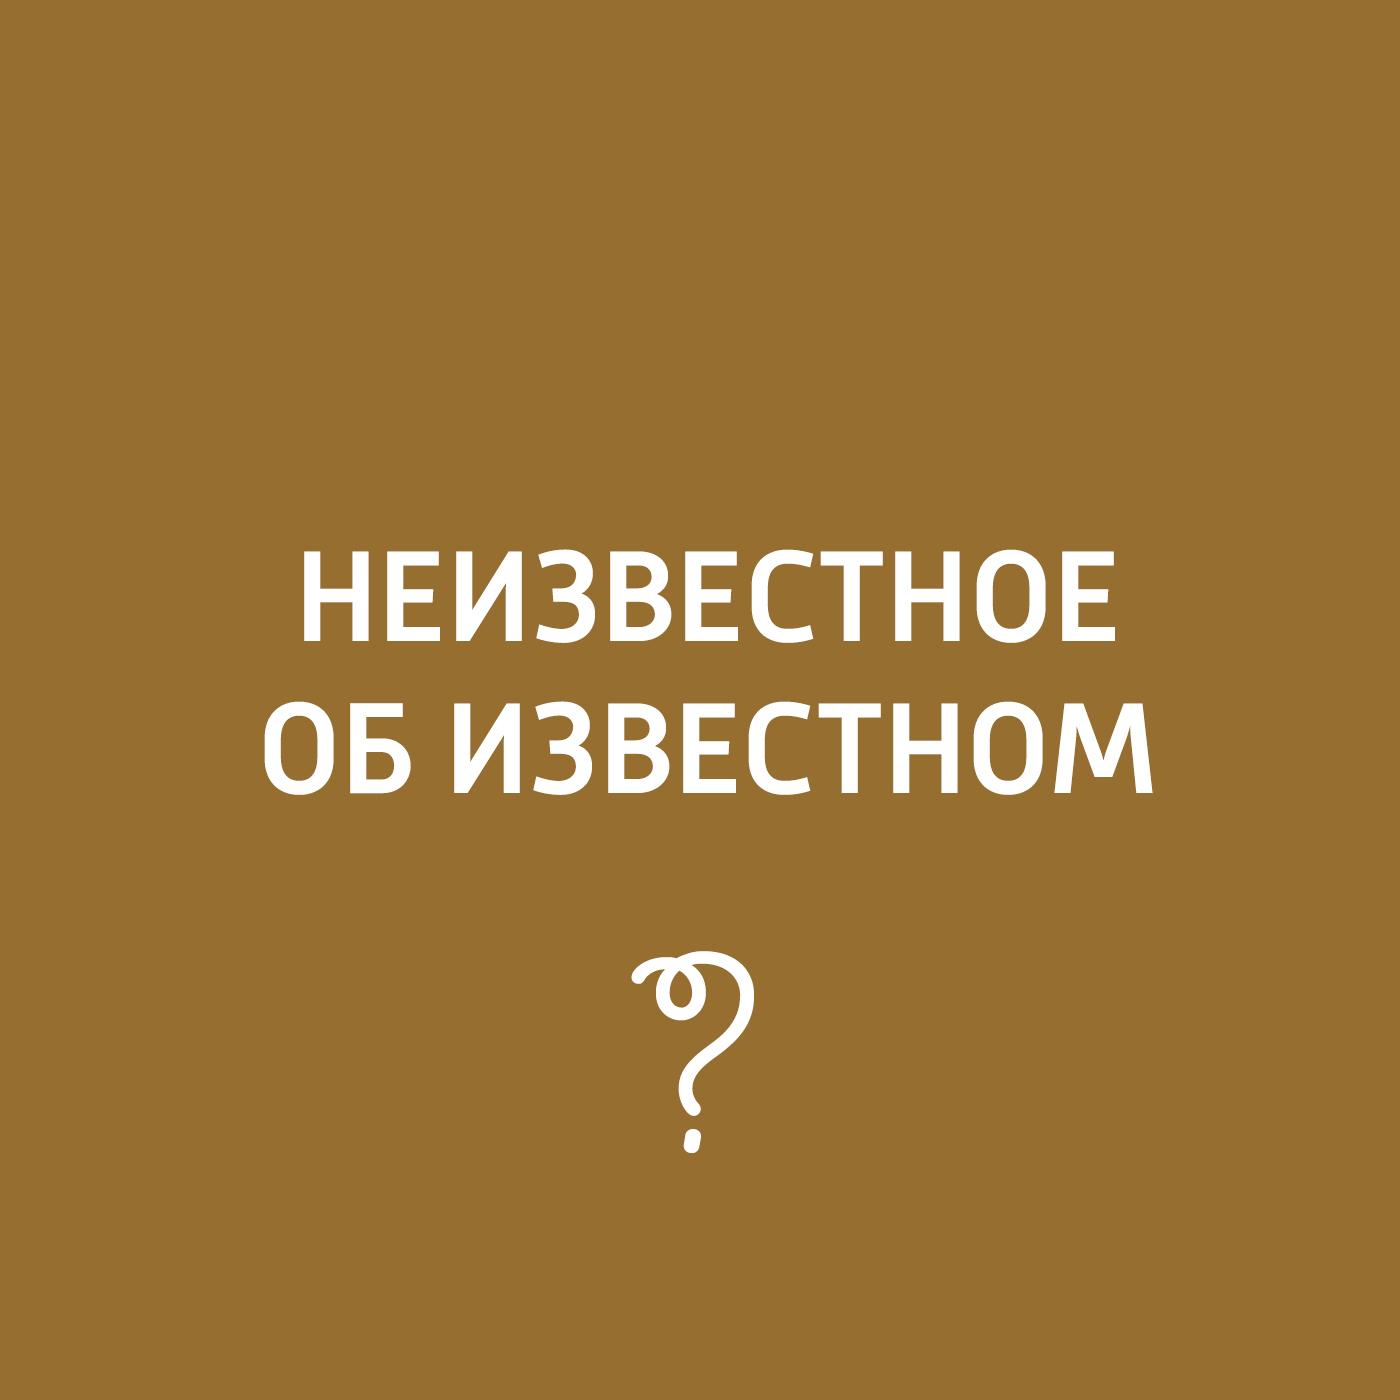 Неизвестные сокровища Третьяковской галереи